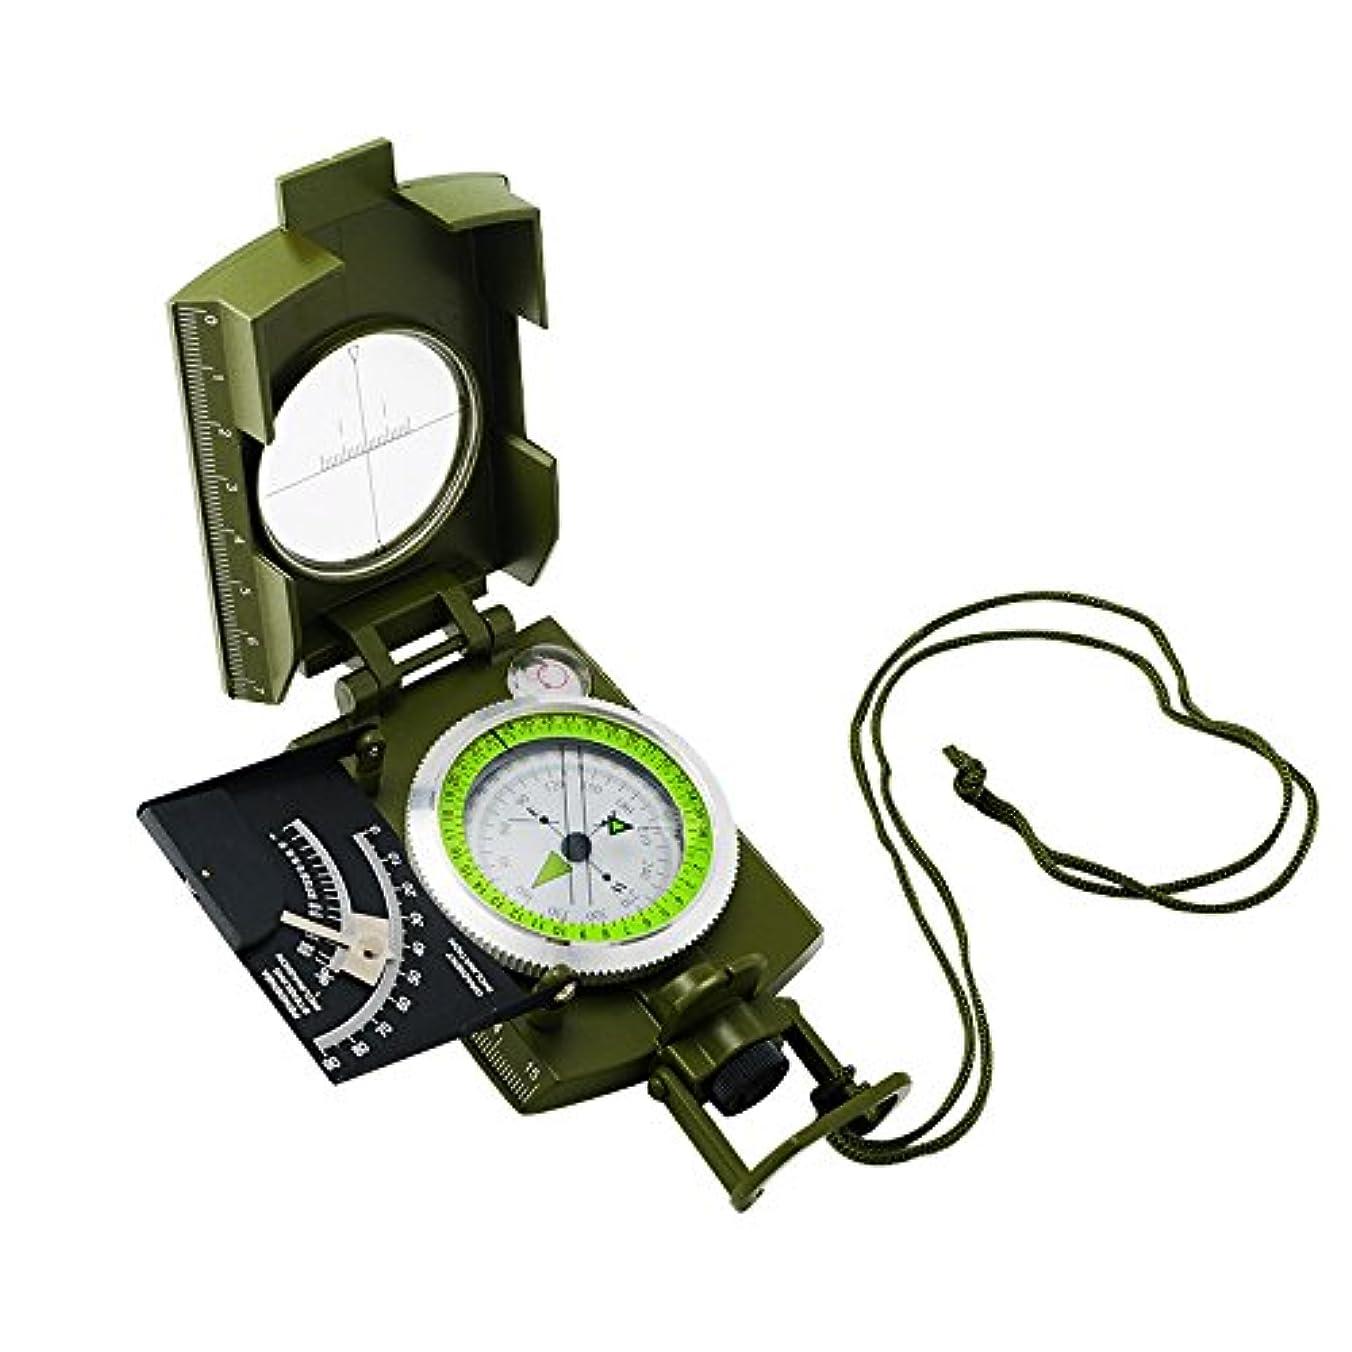 遠征連結するボイドCarejoy 折り畳み式コンパス プロフェッショナルコンパス 携帯型 軍用コンパス 蛍光 傾斜計/ワット